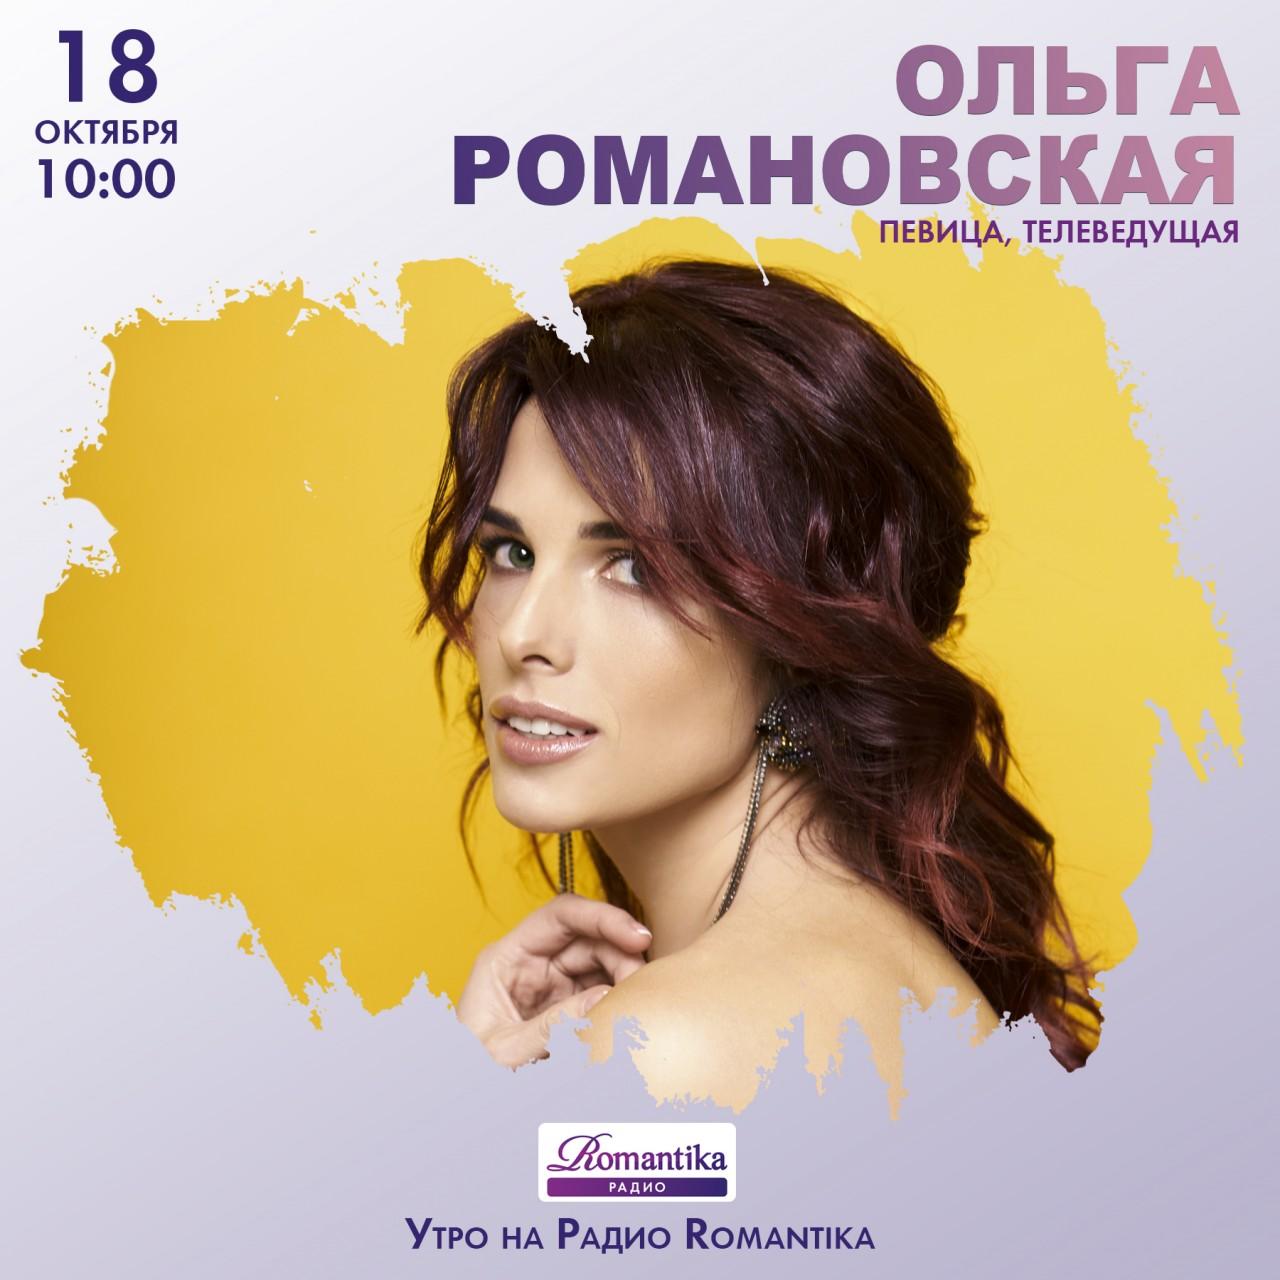 Утро на Радио Romantika: 18 …